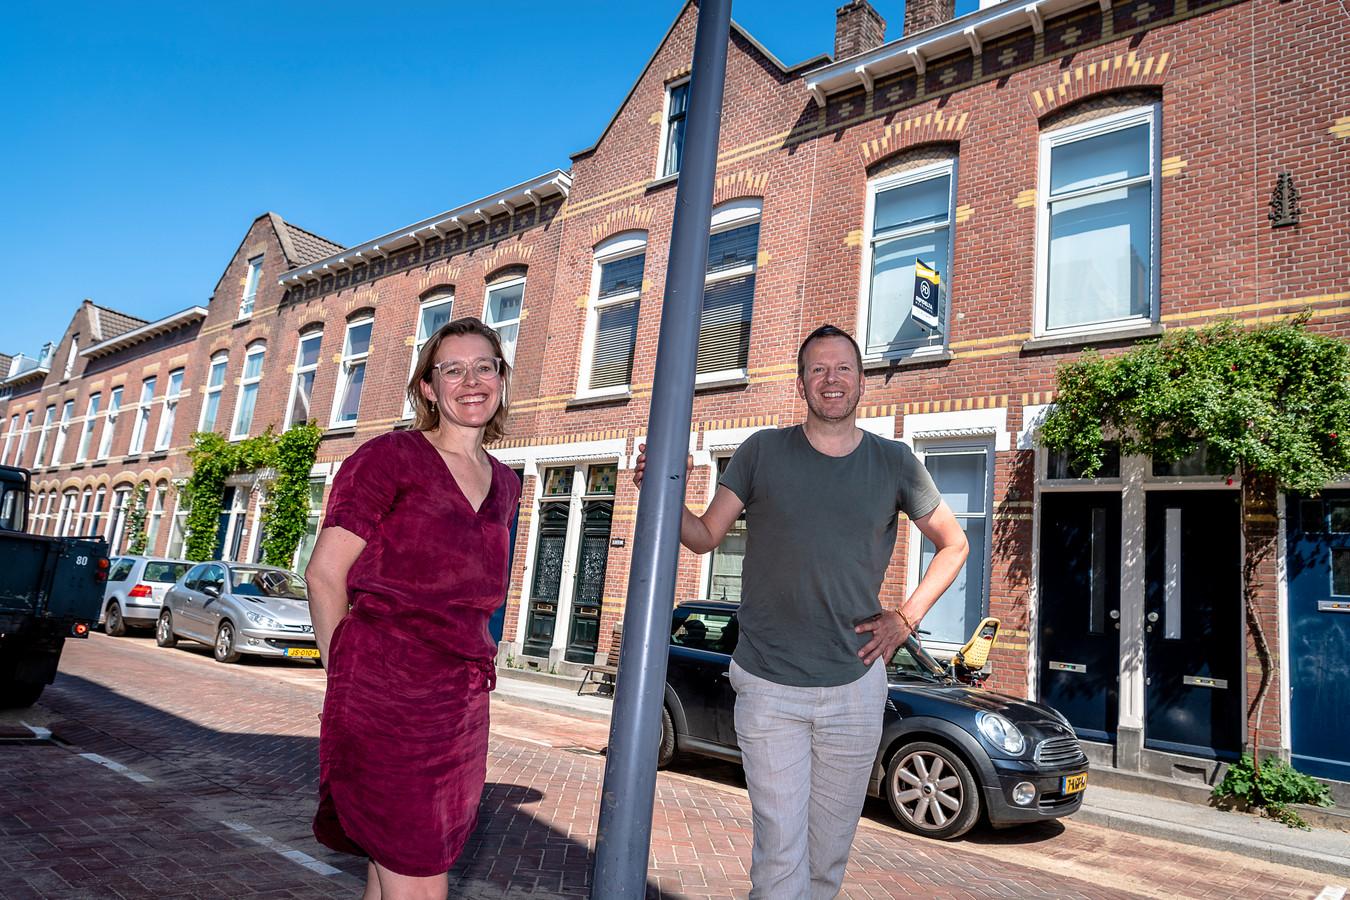 Door de 'verkamering' van verkochte woningen is de wijk van Sanneke van Hassel en Nils Ligthart (r) niet meer zoals die was, vinden zij.